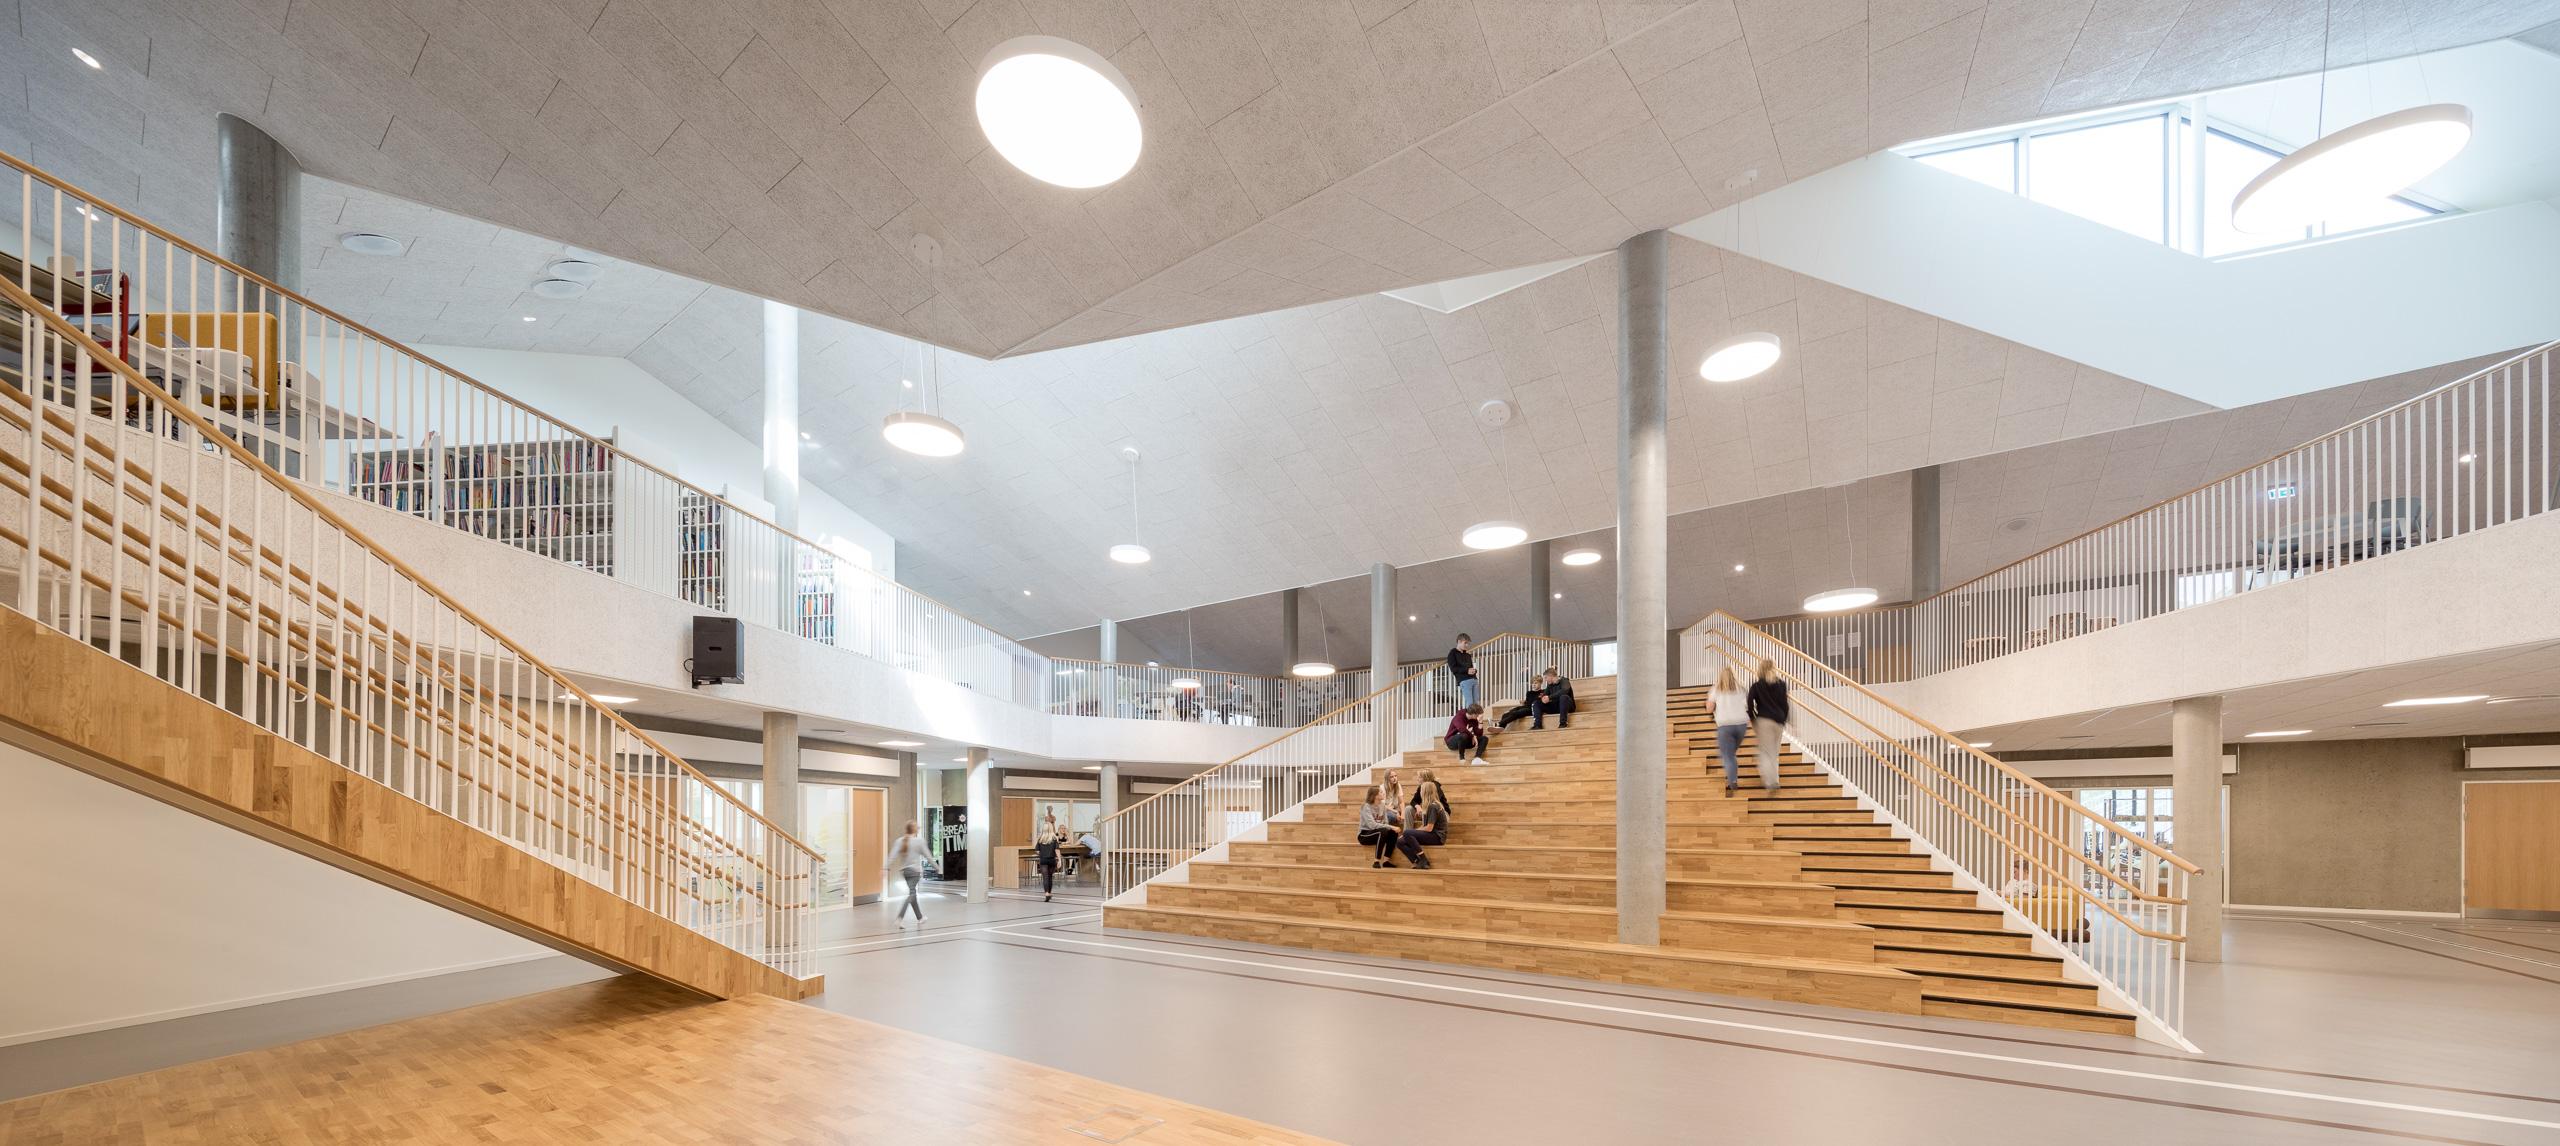 〔안정원의 건축 칼럼〕 트랙을 형상화한 동적인 공간과 입체적으로 연속된 초등학교 1